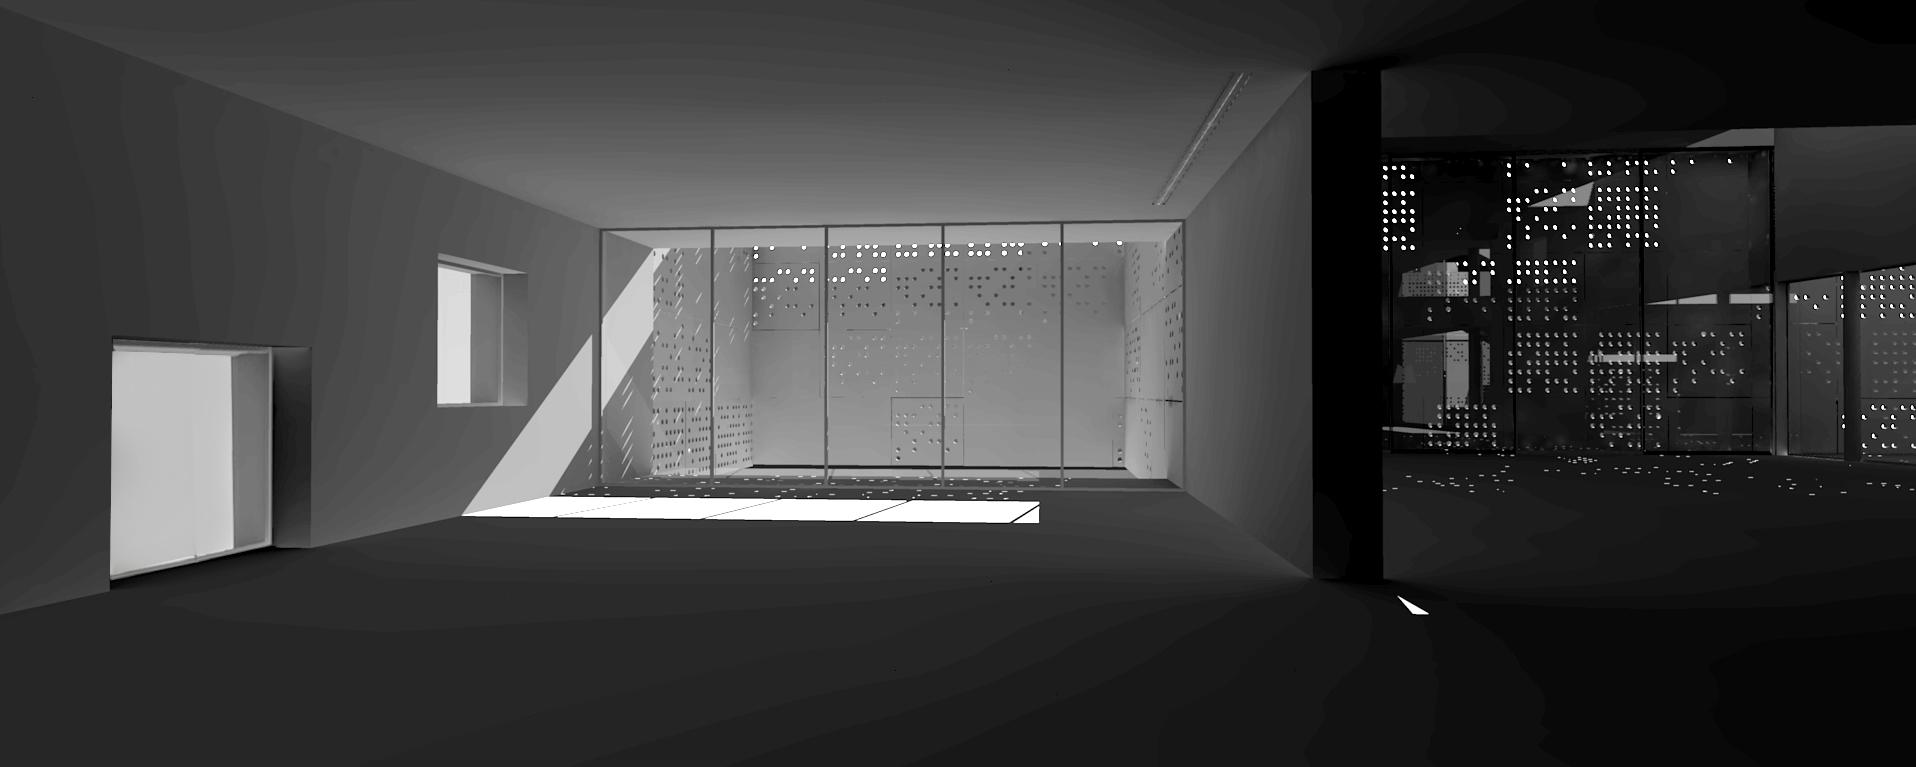 clay render interieur.jpg